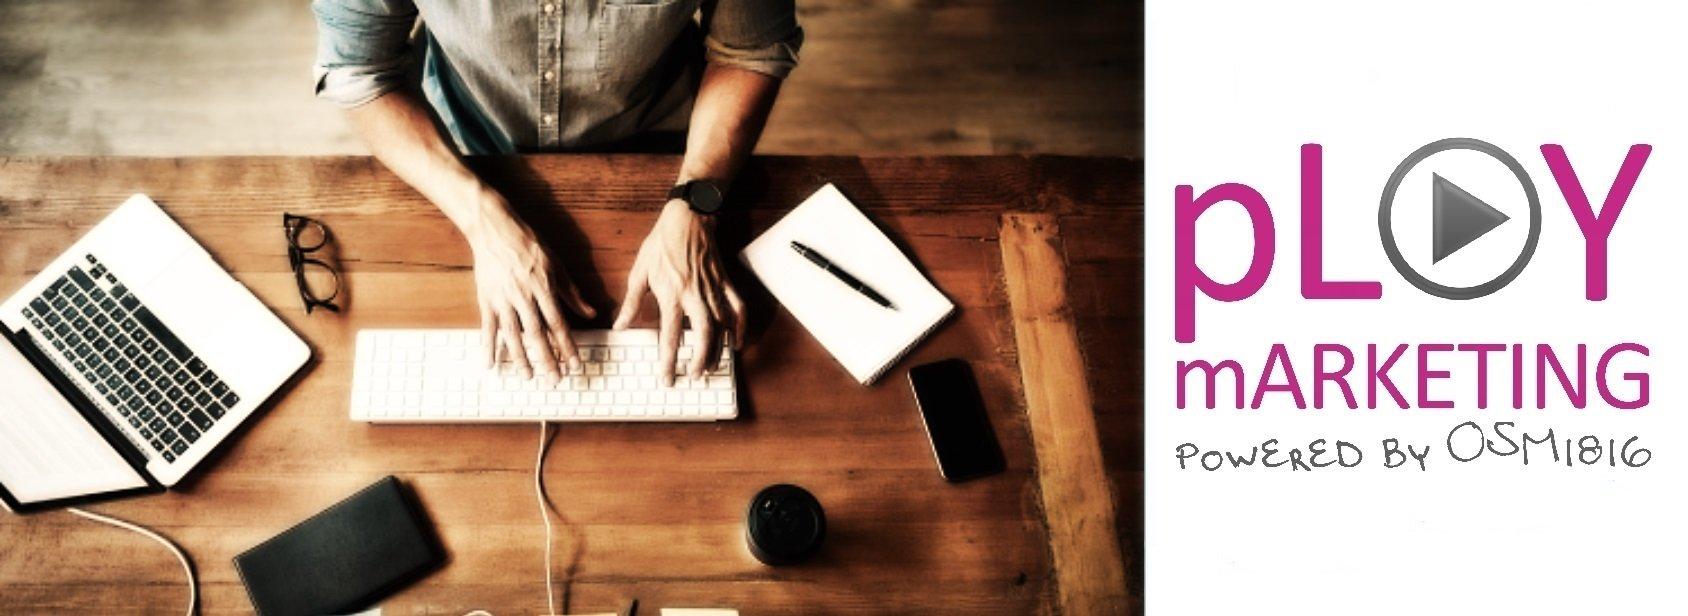 6 caratteristiche essenziali per un marketing leader